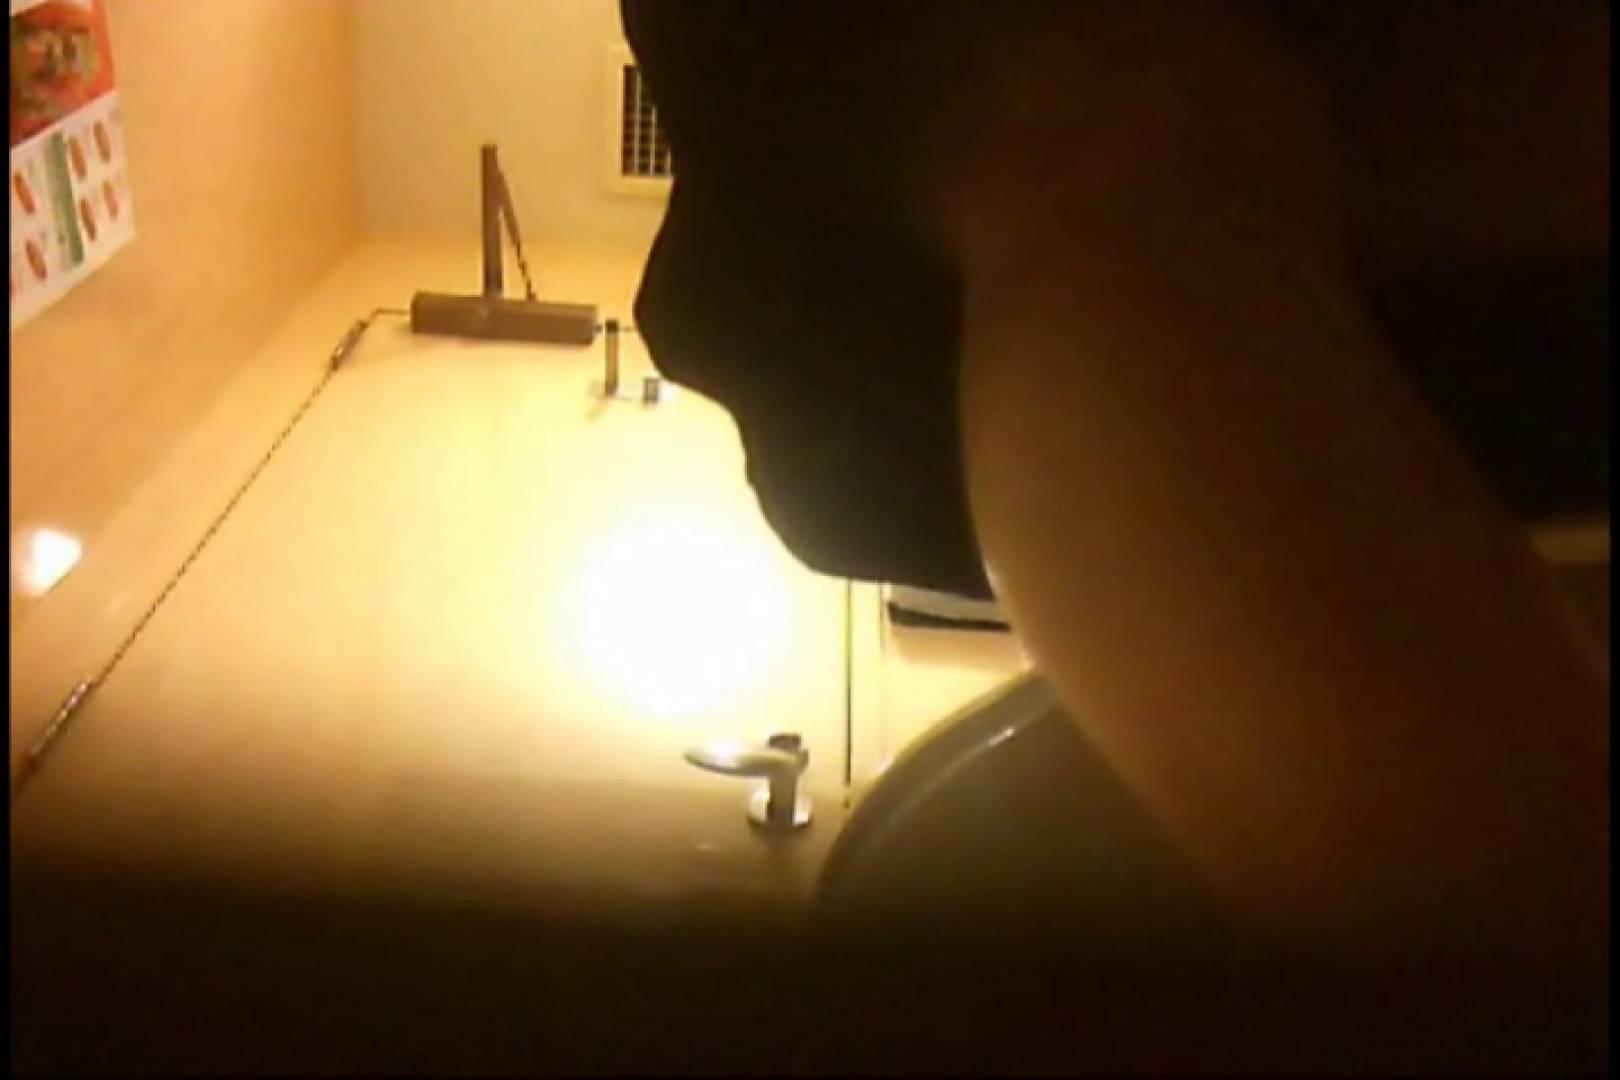 実録!魂の女子化粧室盗撮!!~隠れ潜む特殊カメラ~vo,08 盗撮師作品 | お姉さん丸裸  85pic 15